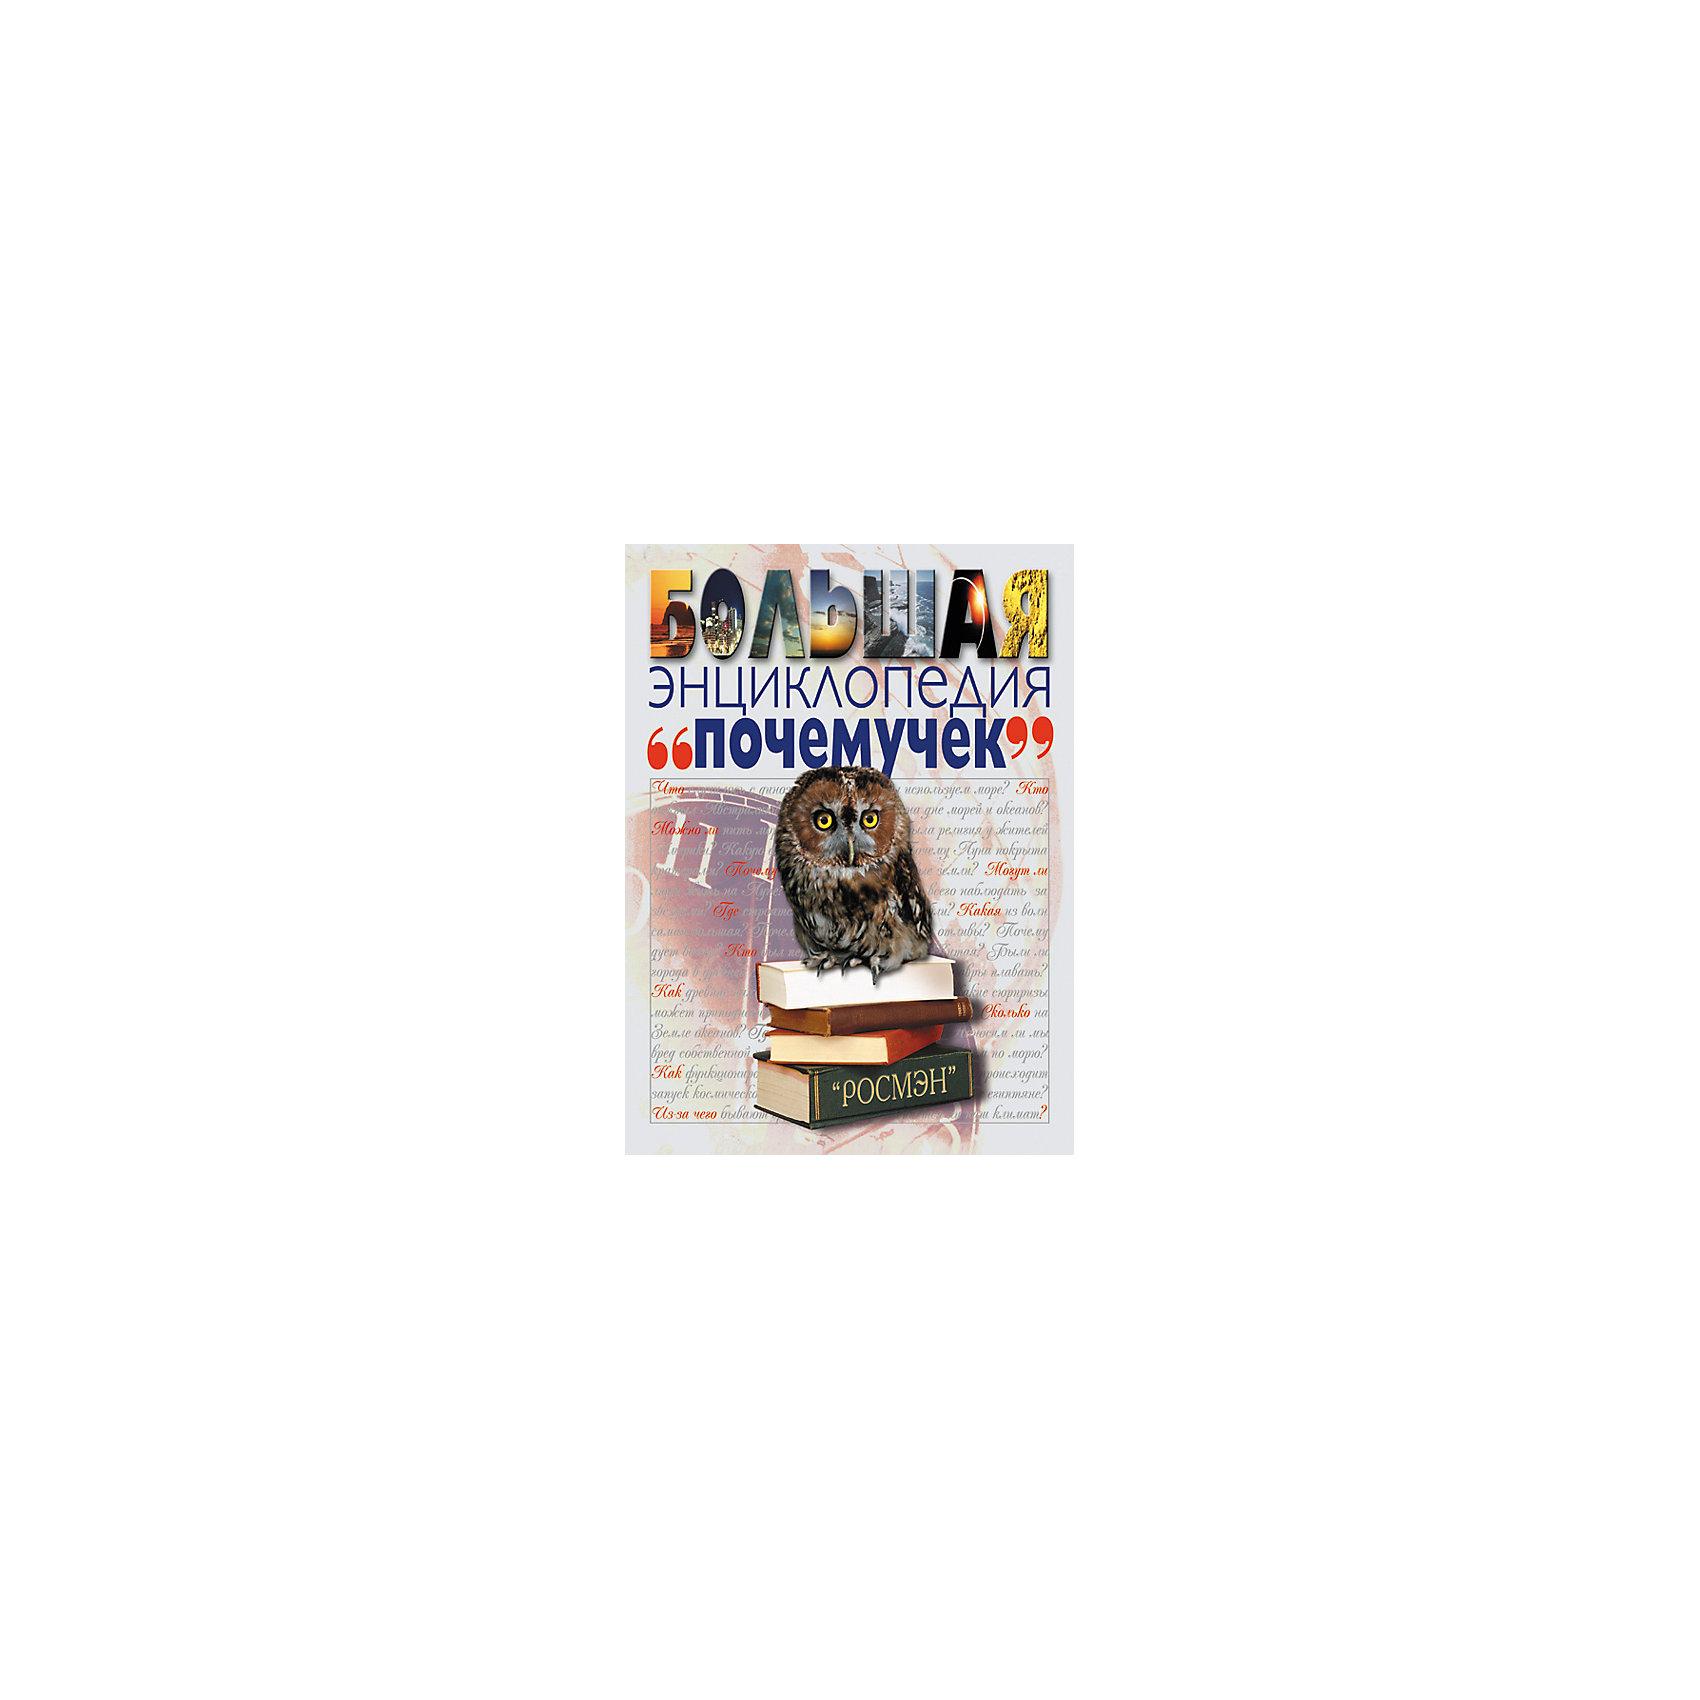 Большая энциклопедия почемучекЭнциклопедии всё обо всём<br>Характеристики товара:<br><br>- цвет: разноцветный;<br>- материал: бумага;<br>- страниц: 200;<br>- формат: 22 x 29 см;<br>- обложка: твердая;<br>- цветные иллюстрации.<br><br>Эта интересная книга с иллюстрациями станет отличным подарком для ребенка. Она содержит в себе ответы на вопросы, которые интересуют малышей. Всё представлено в очень простой форме! Талантливый иллюстратор дополнил книгу качественными рисунками, которые помогают ребенку понять суть многих вещей в нашем мире. Удивительные и интересные факты помогут привить любовь к учебе!<br>Чтение - отличный способ активизации мышления, оно помогает ребенку развивать зрительную память, концентрацию внимания и воображение. Издание произведено из качественных материалов, которые безопасны даже для самых маленьких.<br><br>Книгу Большая энциклопедия почемучек от компании Росмэн можно купить в нашем интернет-магазине.<br><br>Ширина мм: 285<br>Глубина мм: 220<br>Высота мм: 20<br>Вес г: 745<br>Возраст от месяцев: 84<br>Возраст до месяцев: 108<br>Пол: Унисекс<br>Возраст: Детский<br>SKU: 5109998